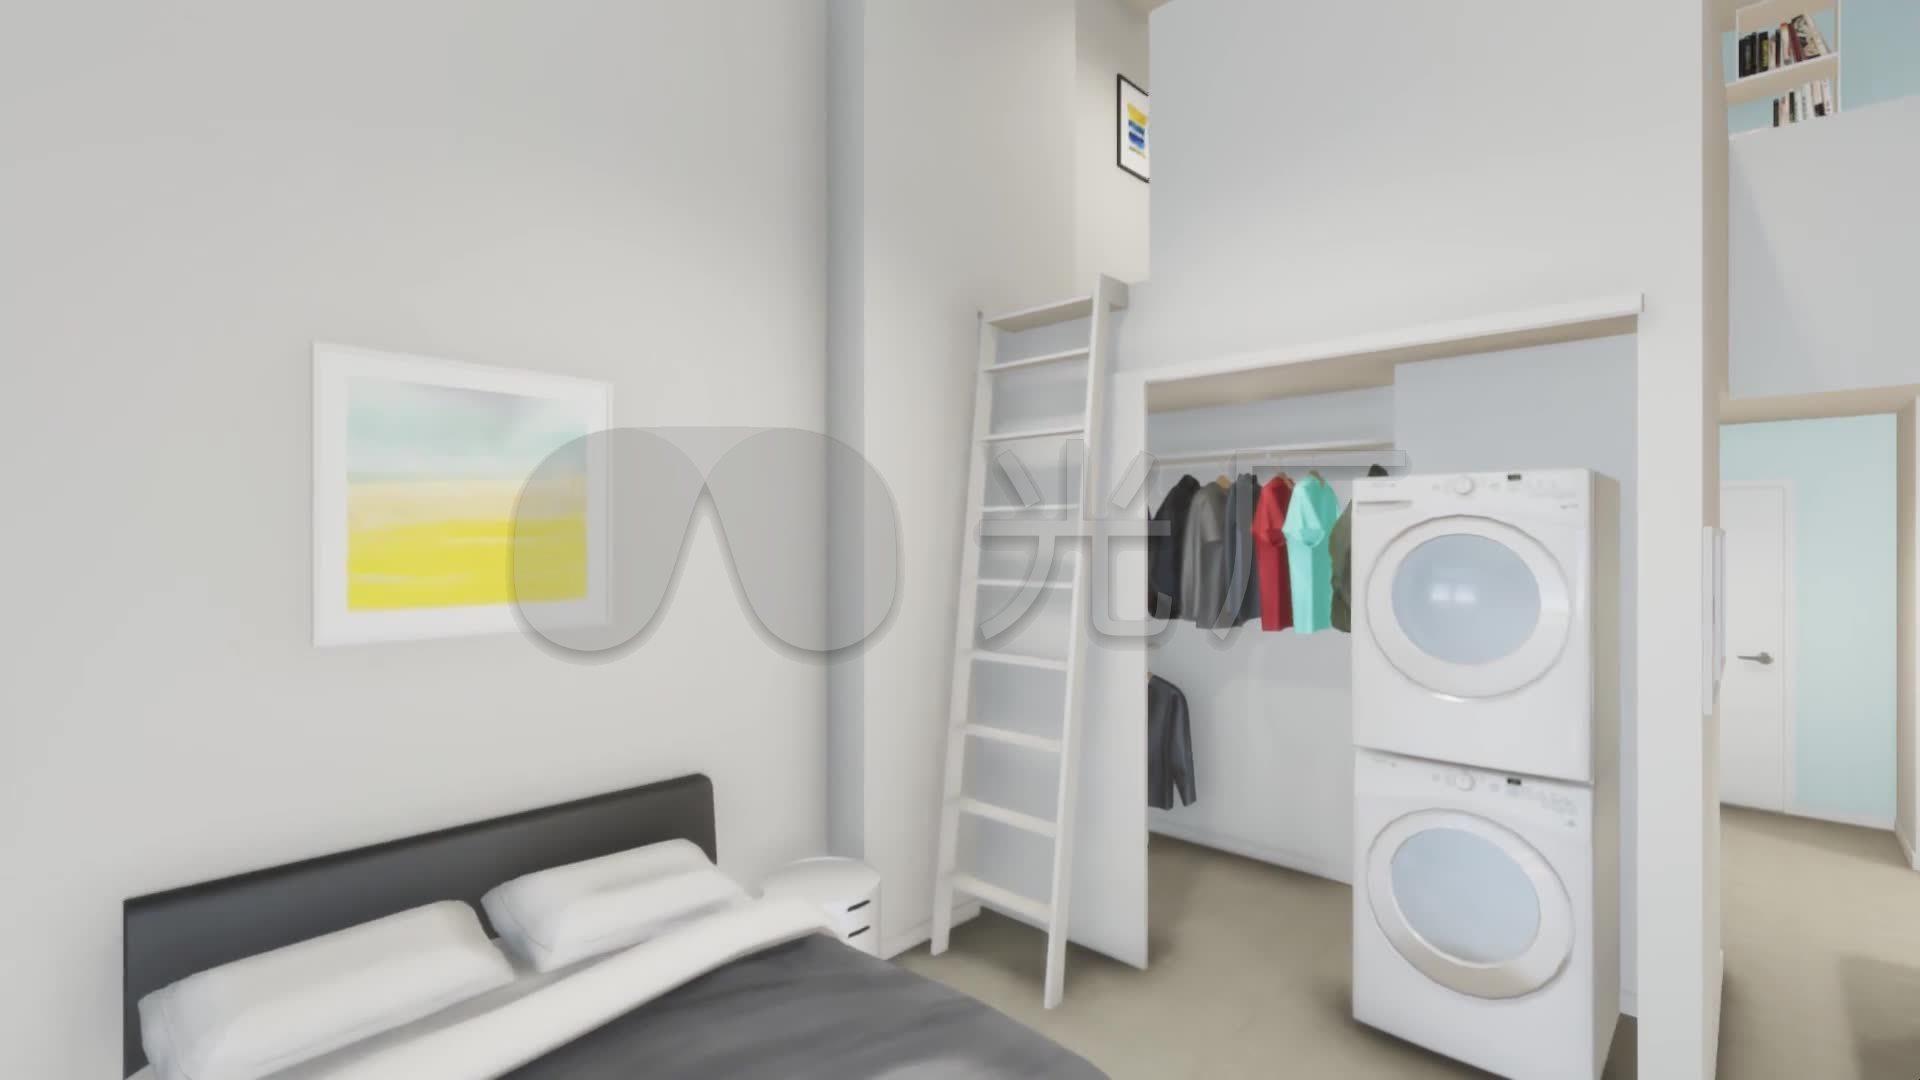 虚拟vr智能家居装修室内设计效果图